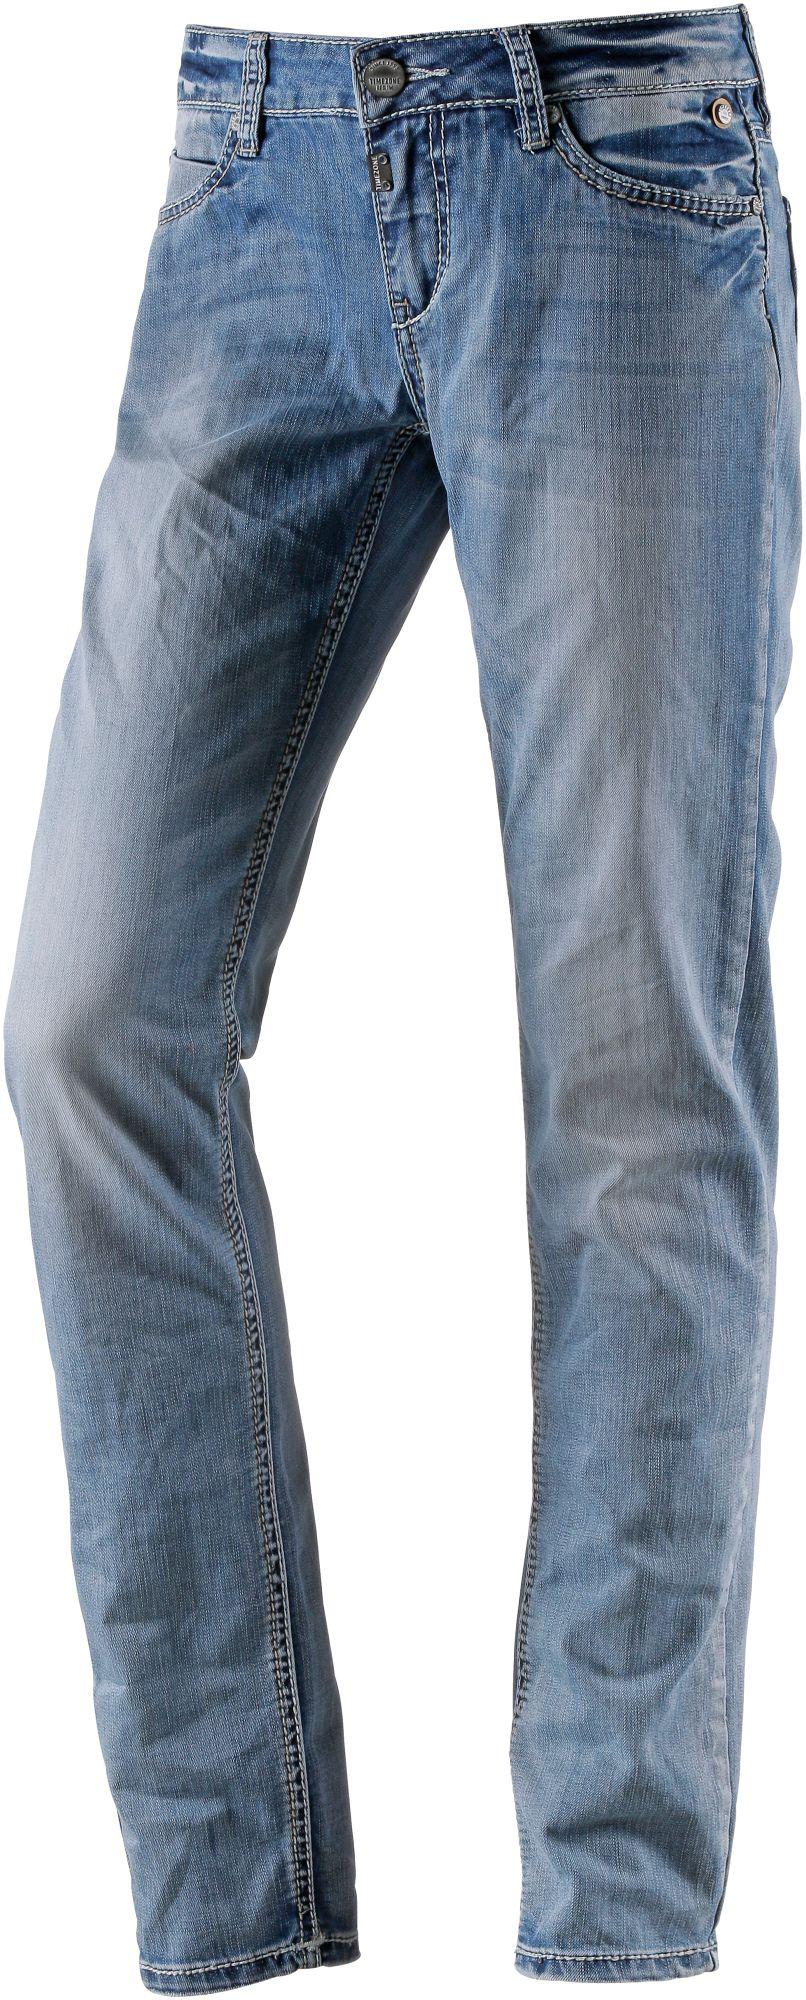 TIMEZONE NiniTZ Skinny Fit Jeans Damen von SportScheck  in black - Schwarz für 49,95€